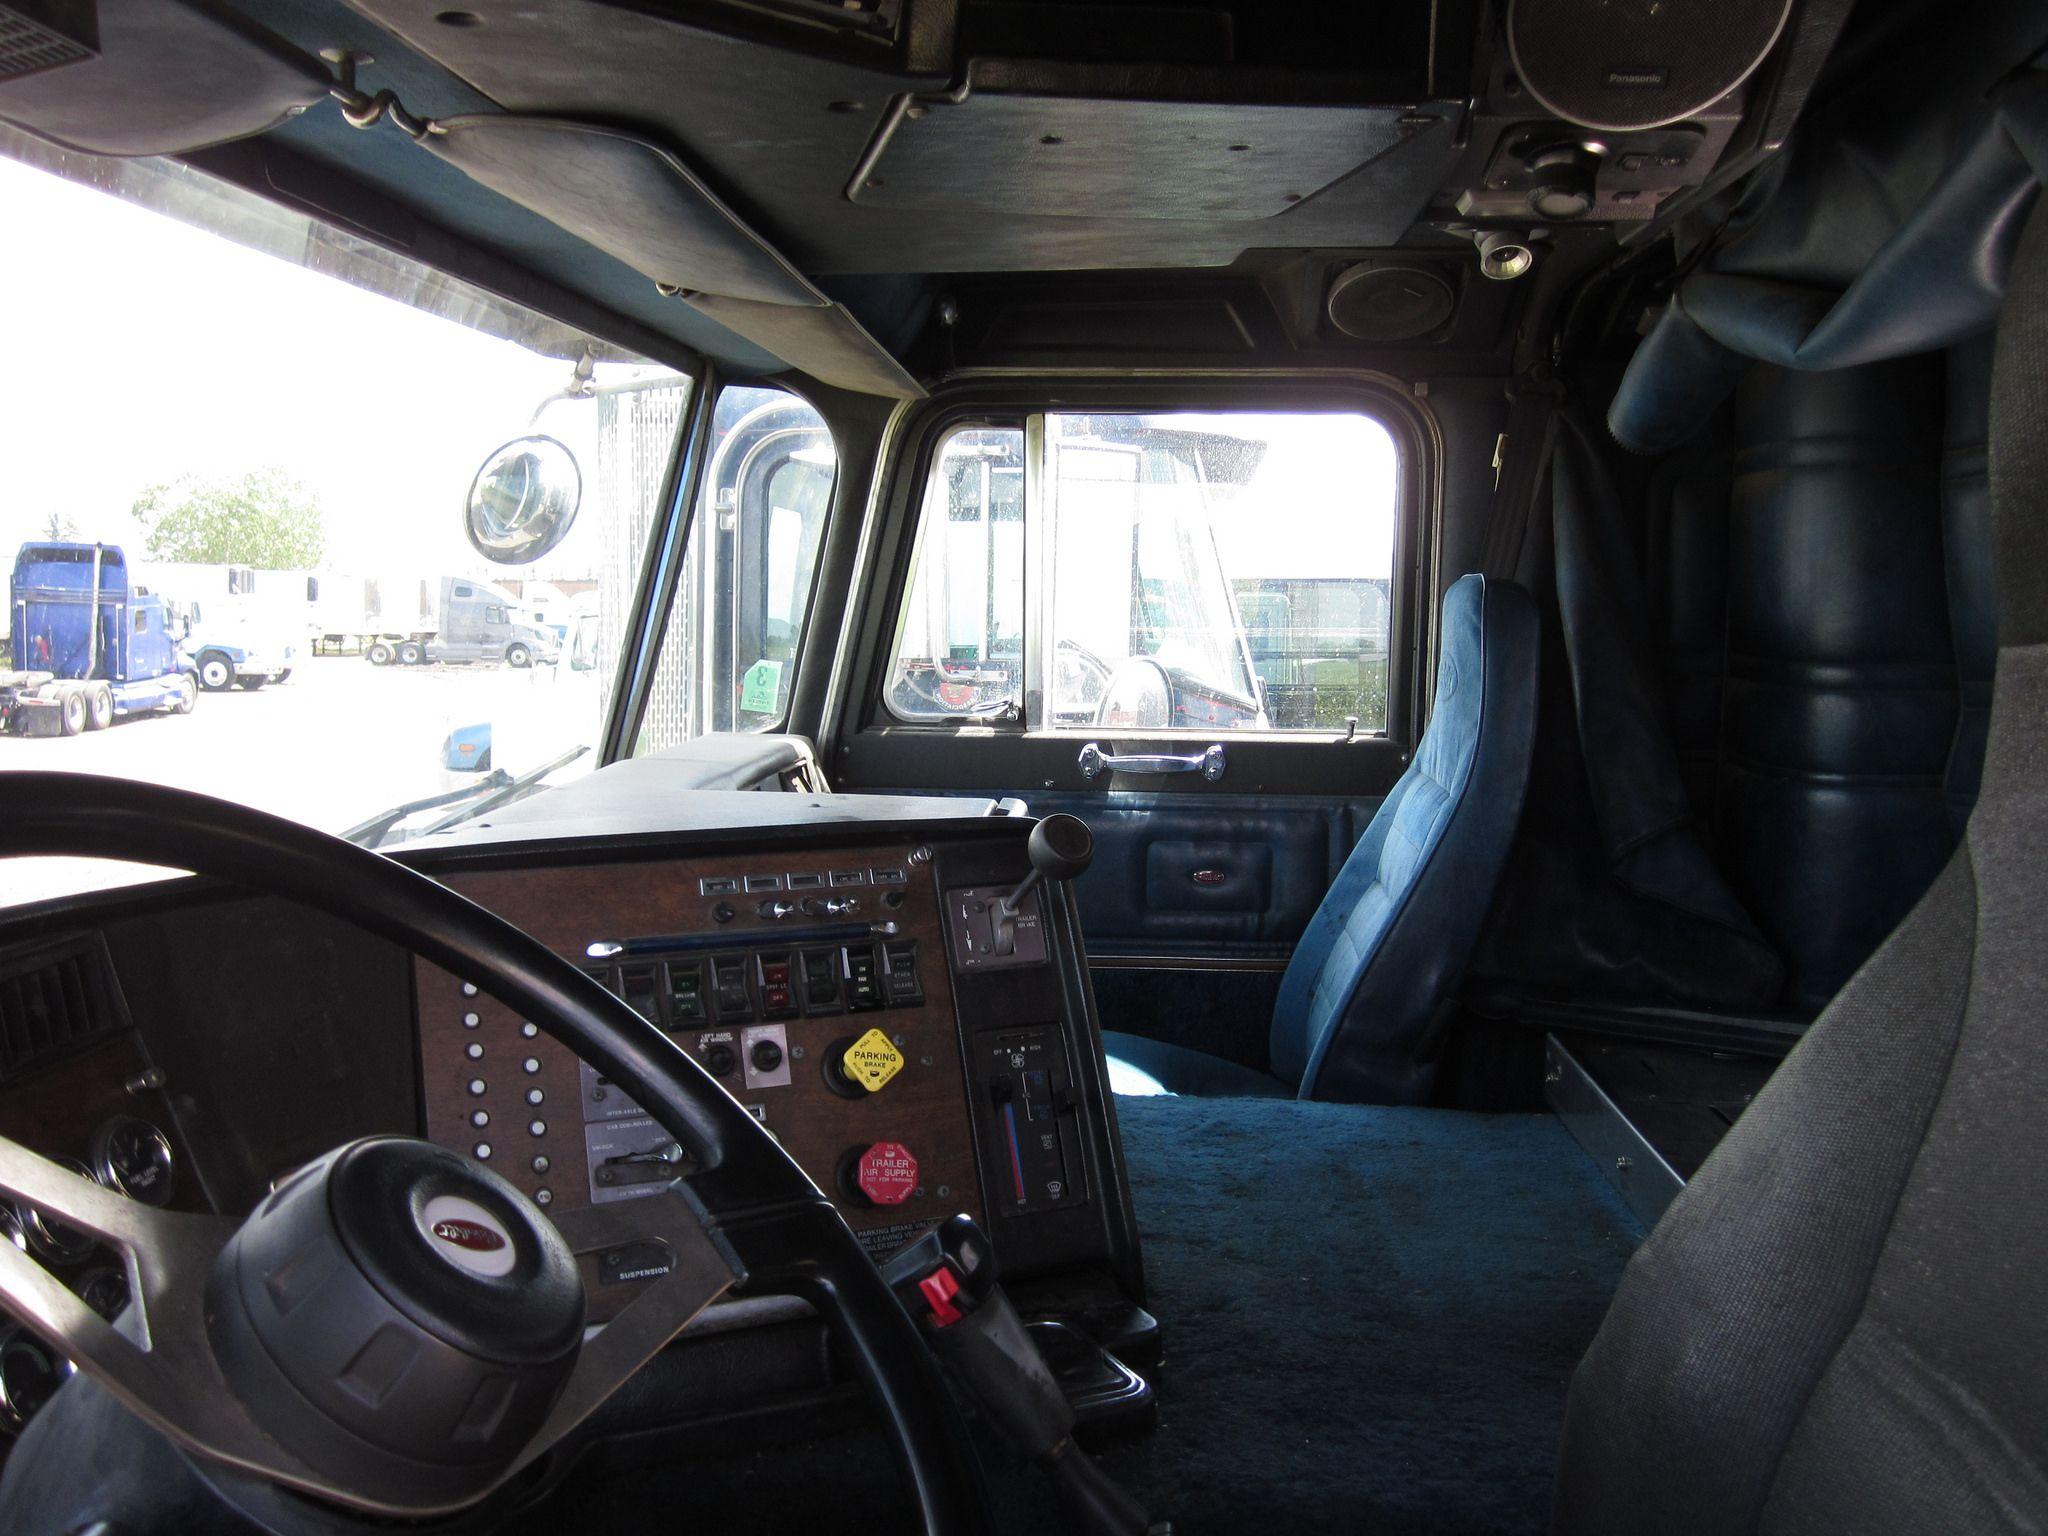 Peterbilt 362 interior